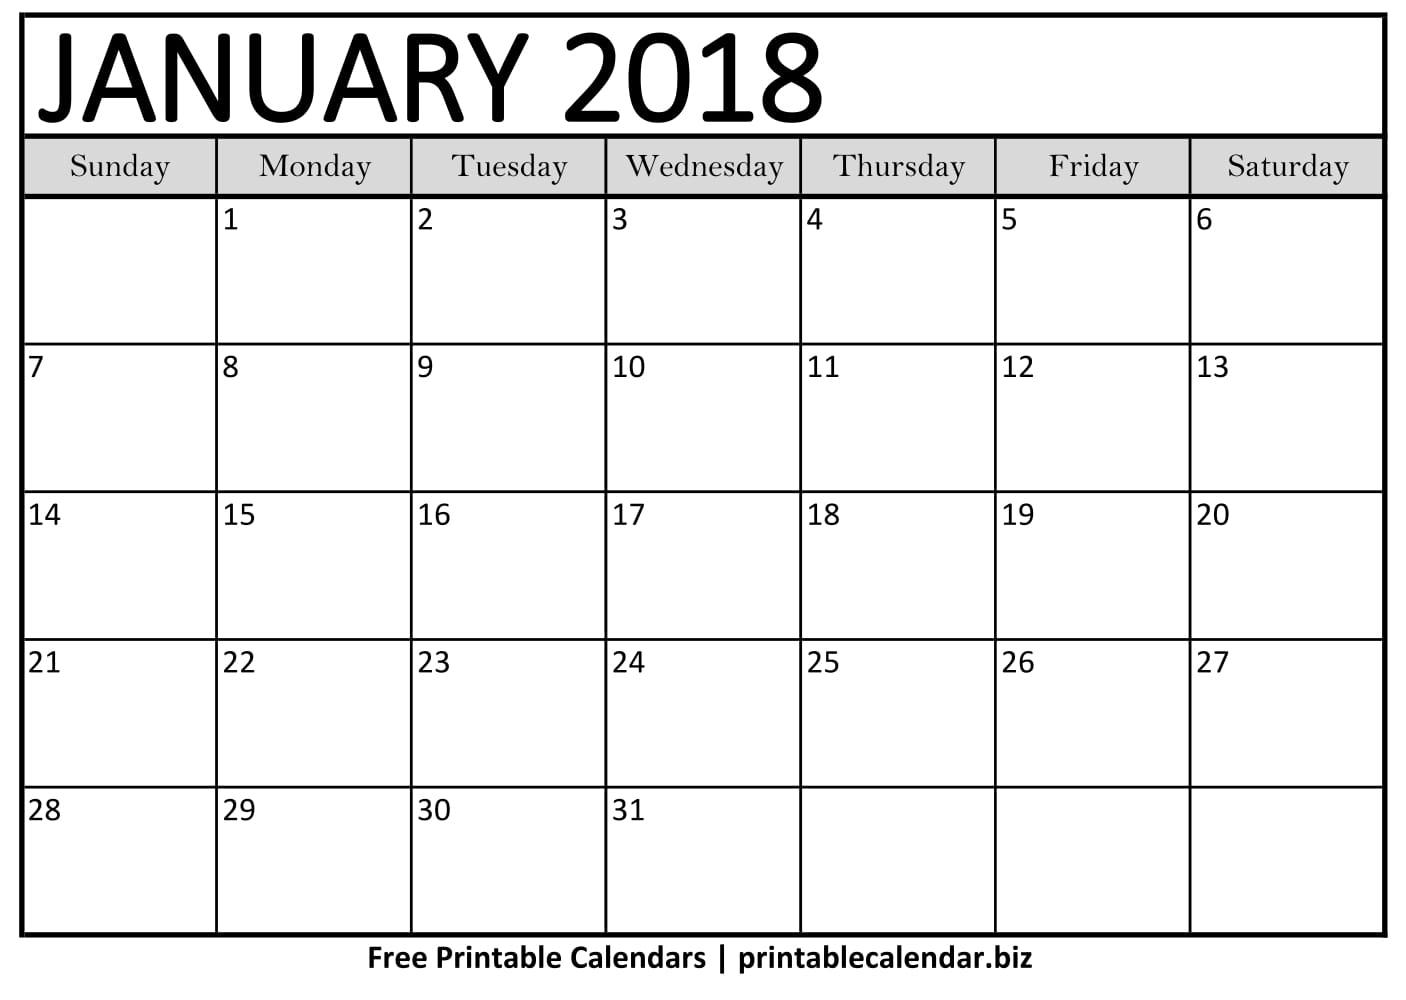 2019 Printable Calendar Templates - Printablecalendar.biz with regard to Fill In Calendar Template Printable